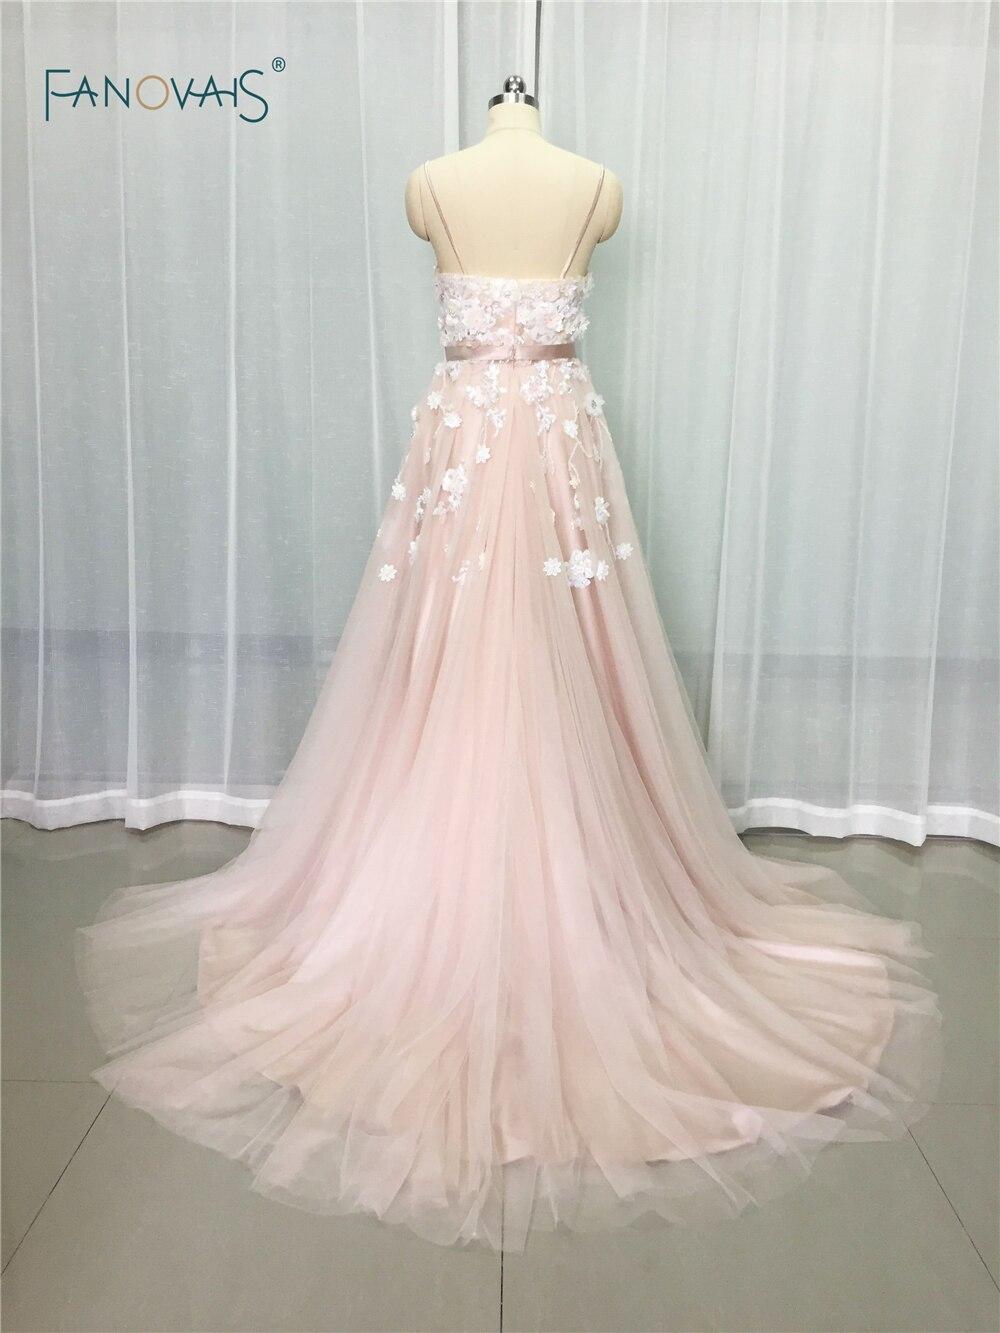 US $14.14 14% OFFSexy 14 Blush Brautkleider mit Kristall Spaghetti  trägern Tüll Blume Brautkleid Brautkleid Vestido de Novia BT14blush  wedding